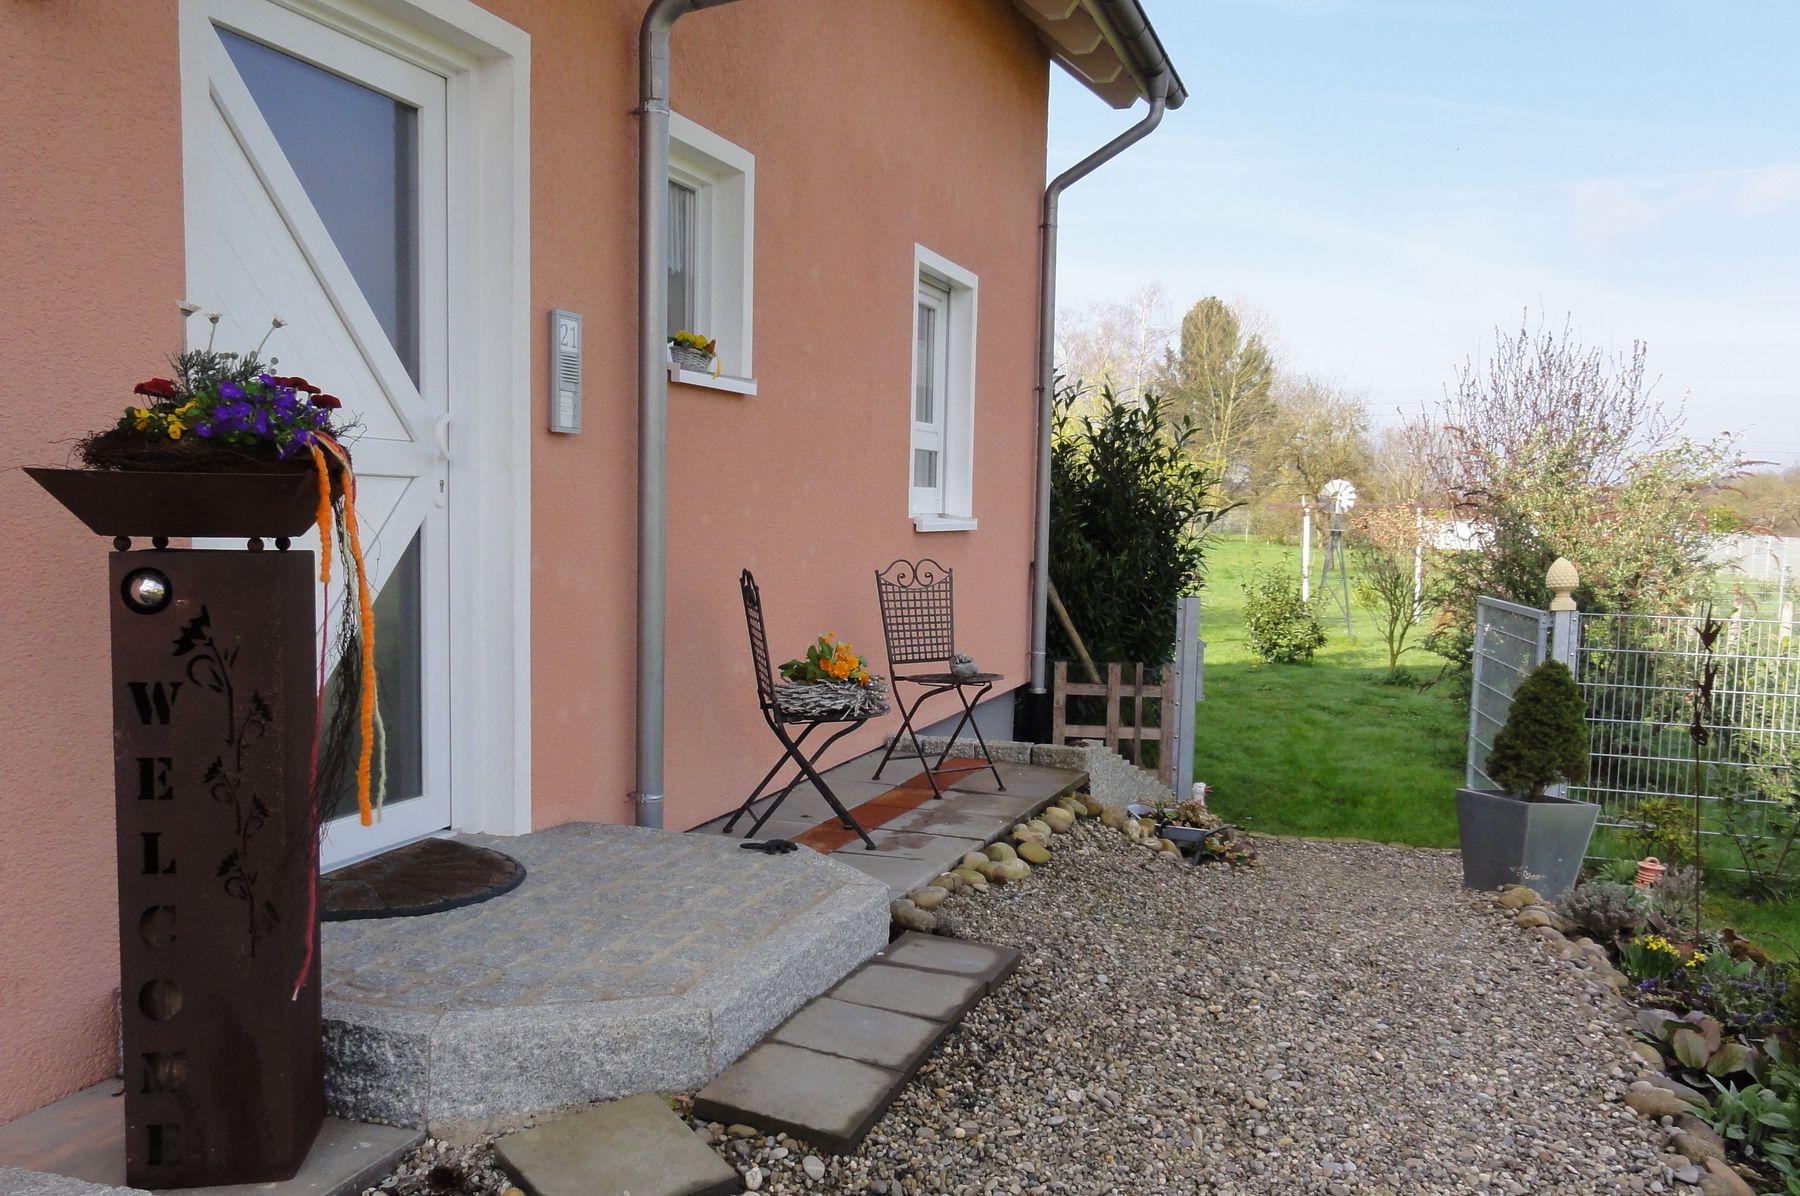 Vakantie appartement westend regio europa park fotogalerij - Deco entree in het huis ...